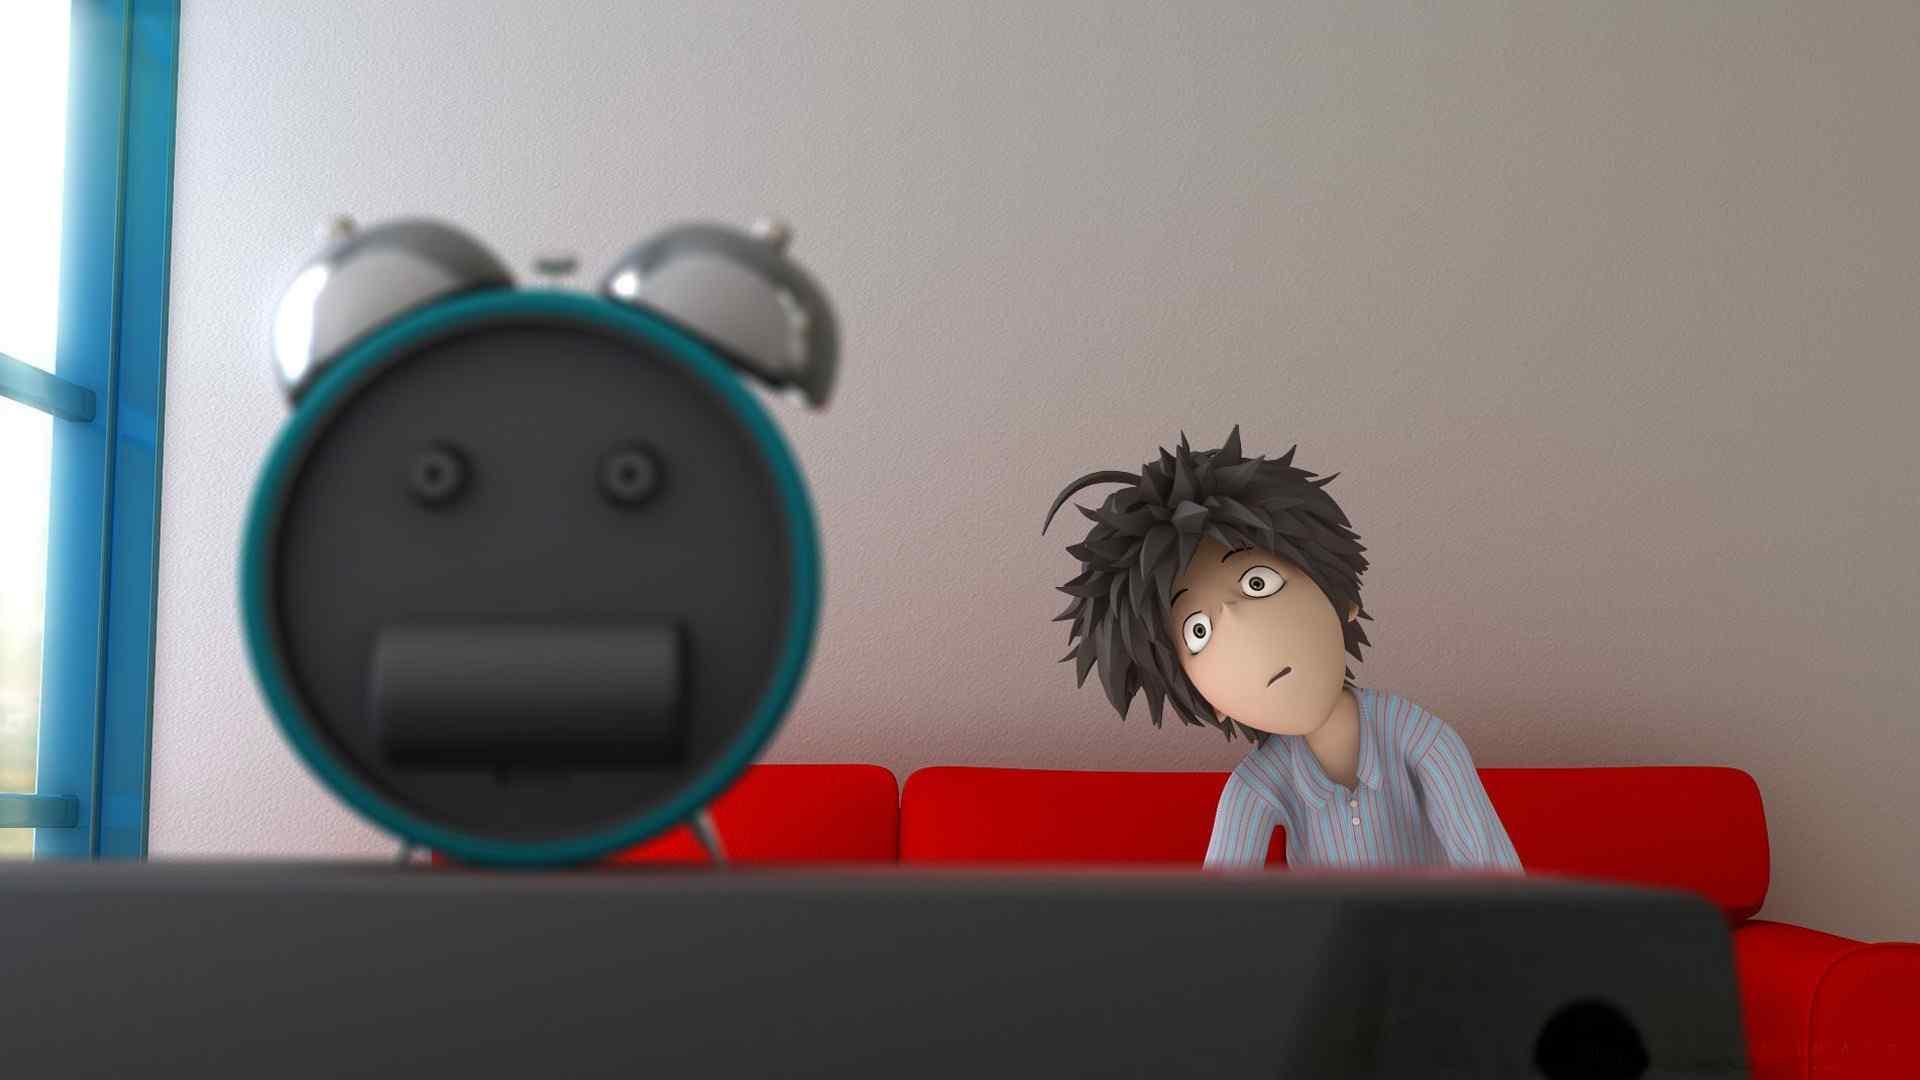 动画《我今年,二十七八岁》高清电脑桌面壁纸